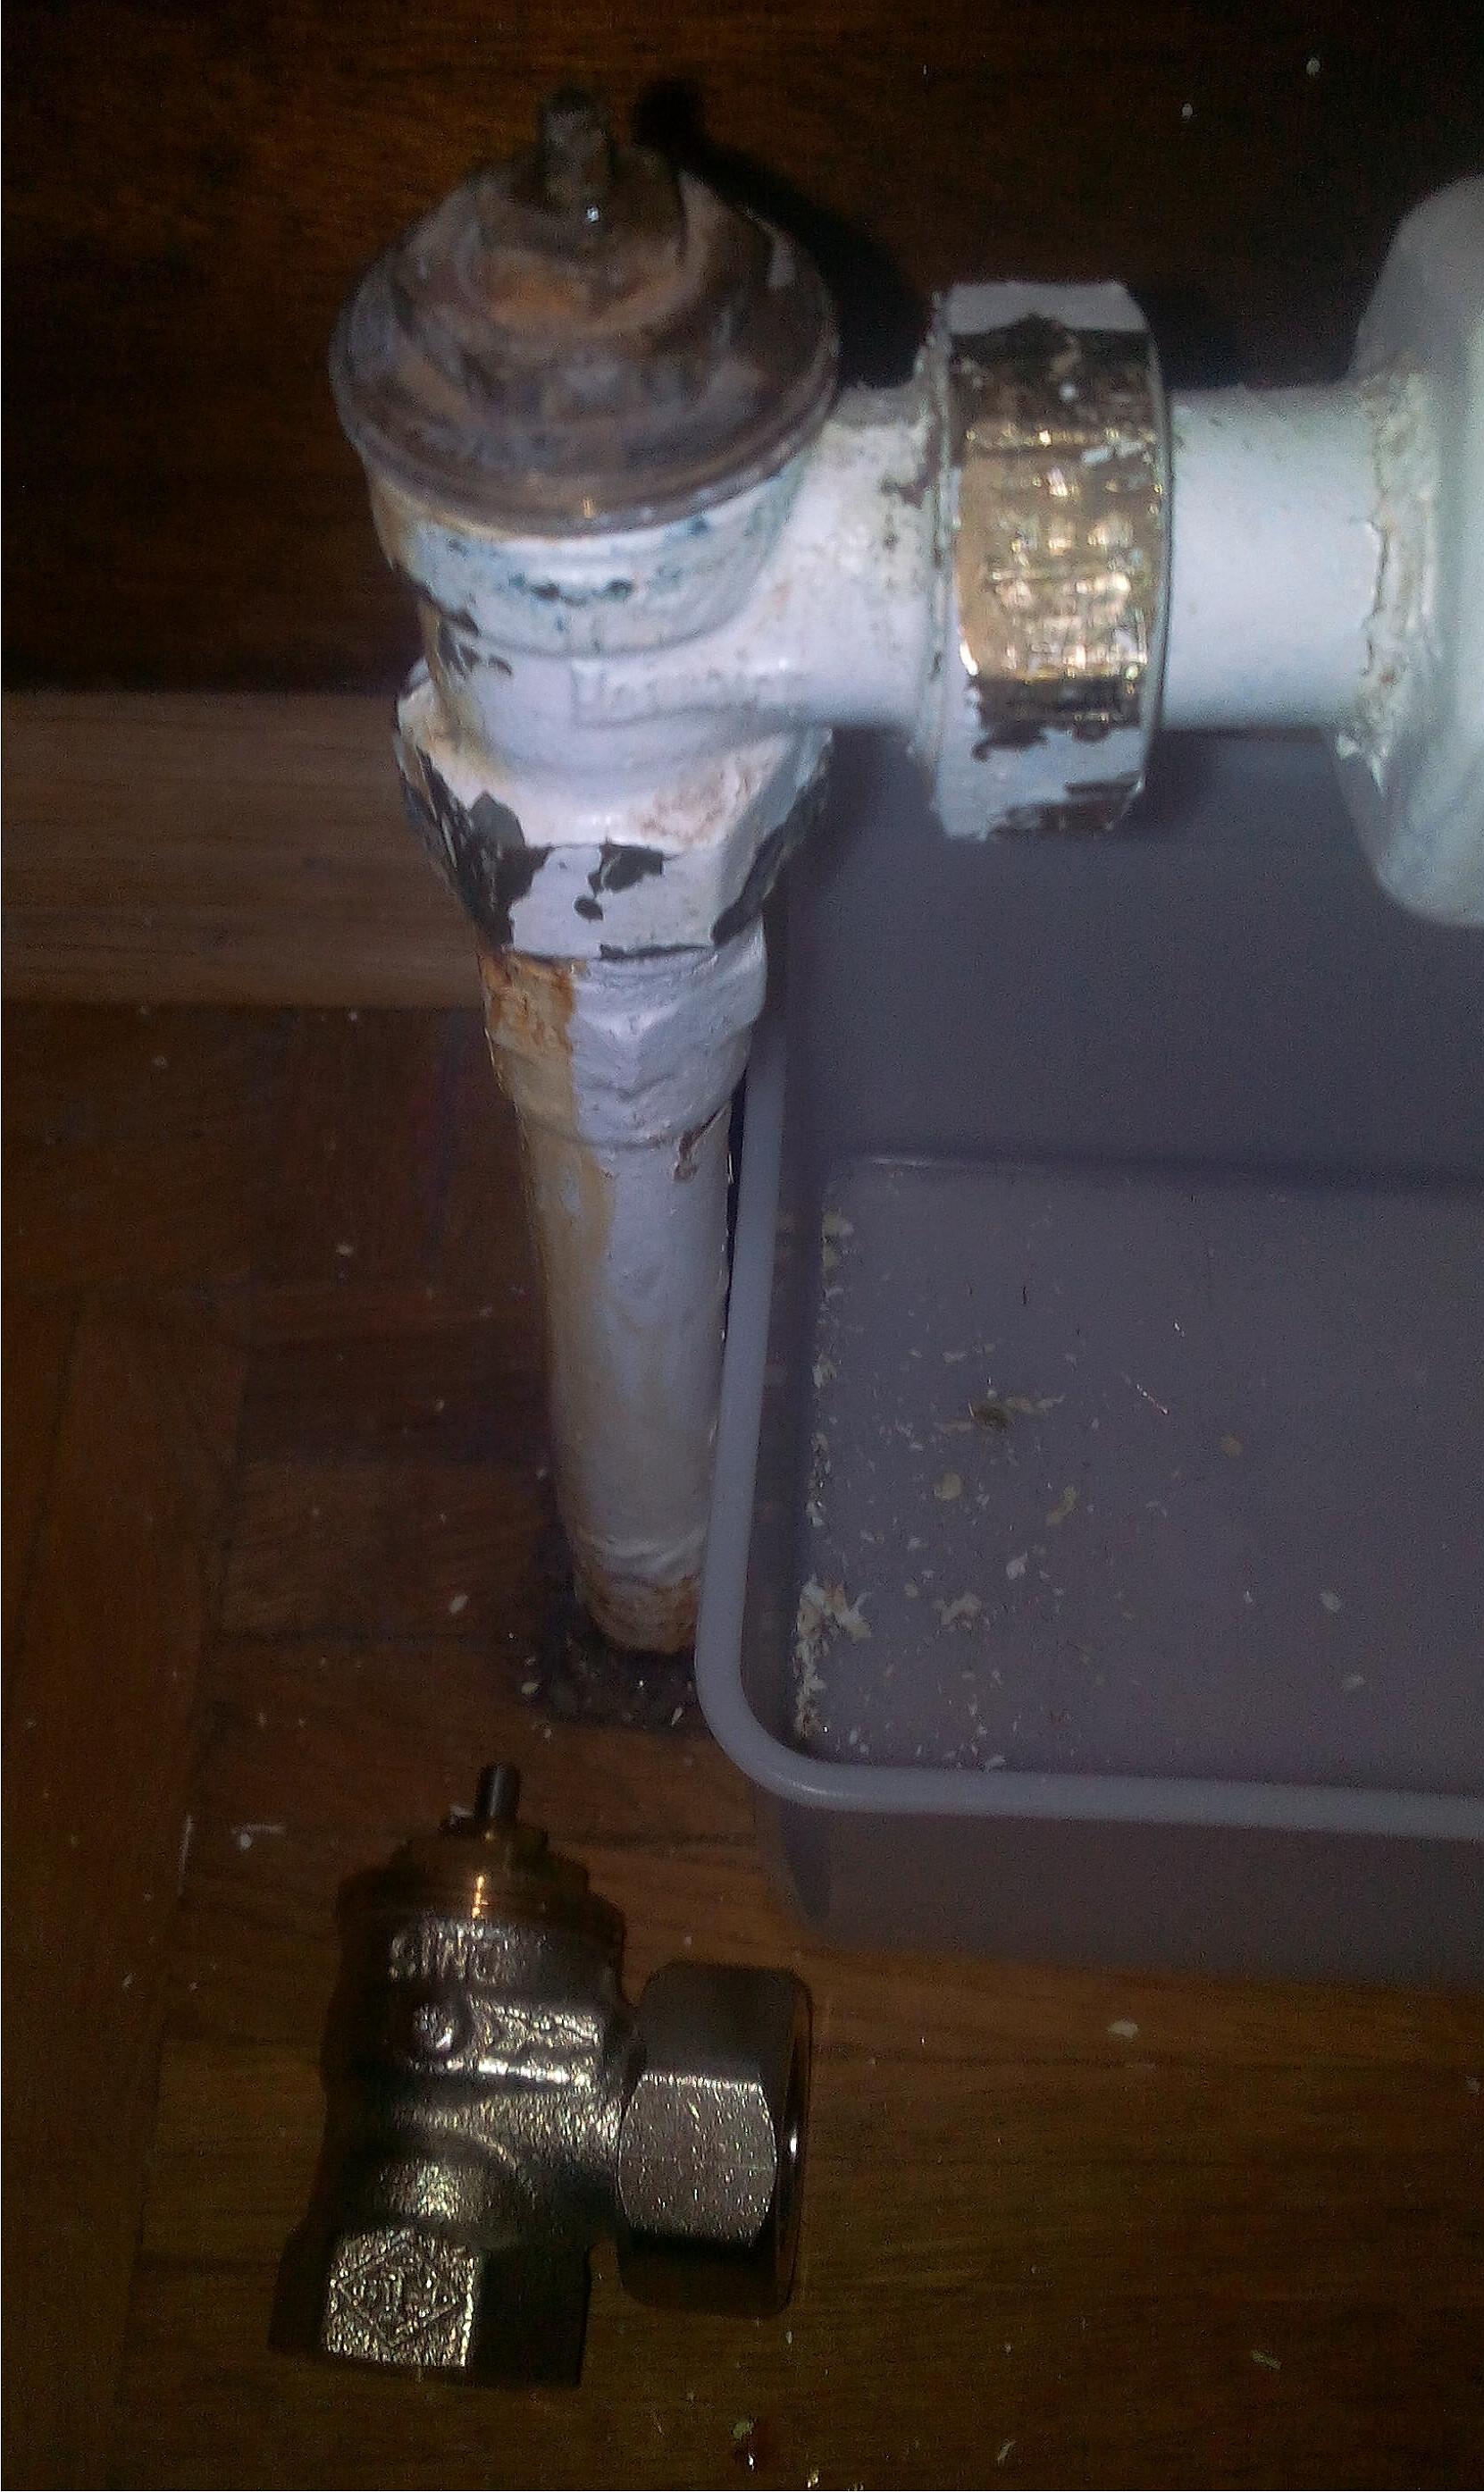 heizk rper thermostat samt unterteil auswechseln heizung heimwerken wasserschaden. Black Bedroom Furniture Sets. Home Design Ideas